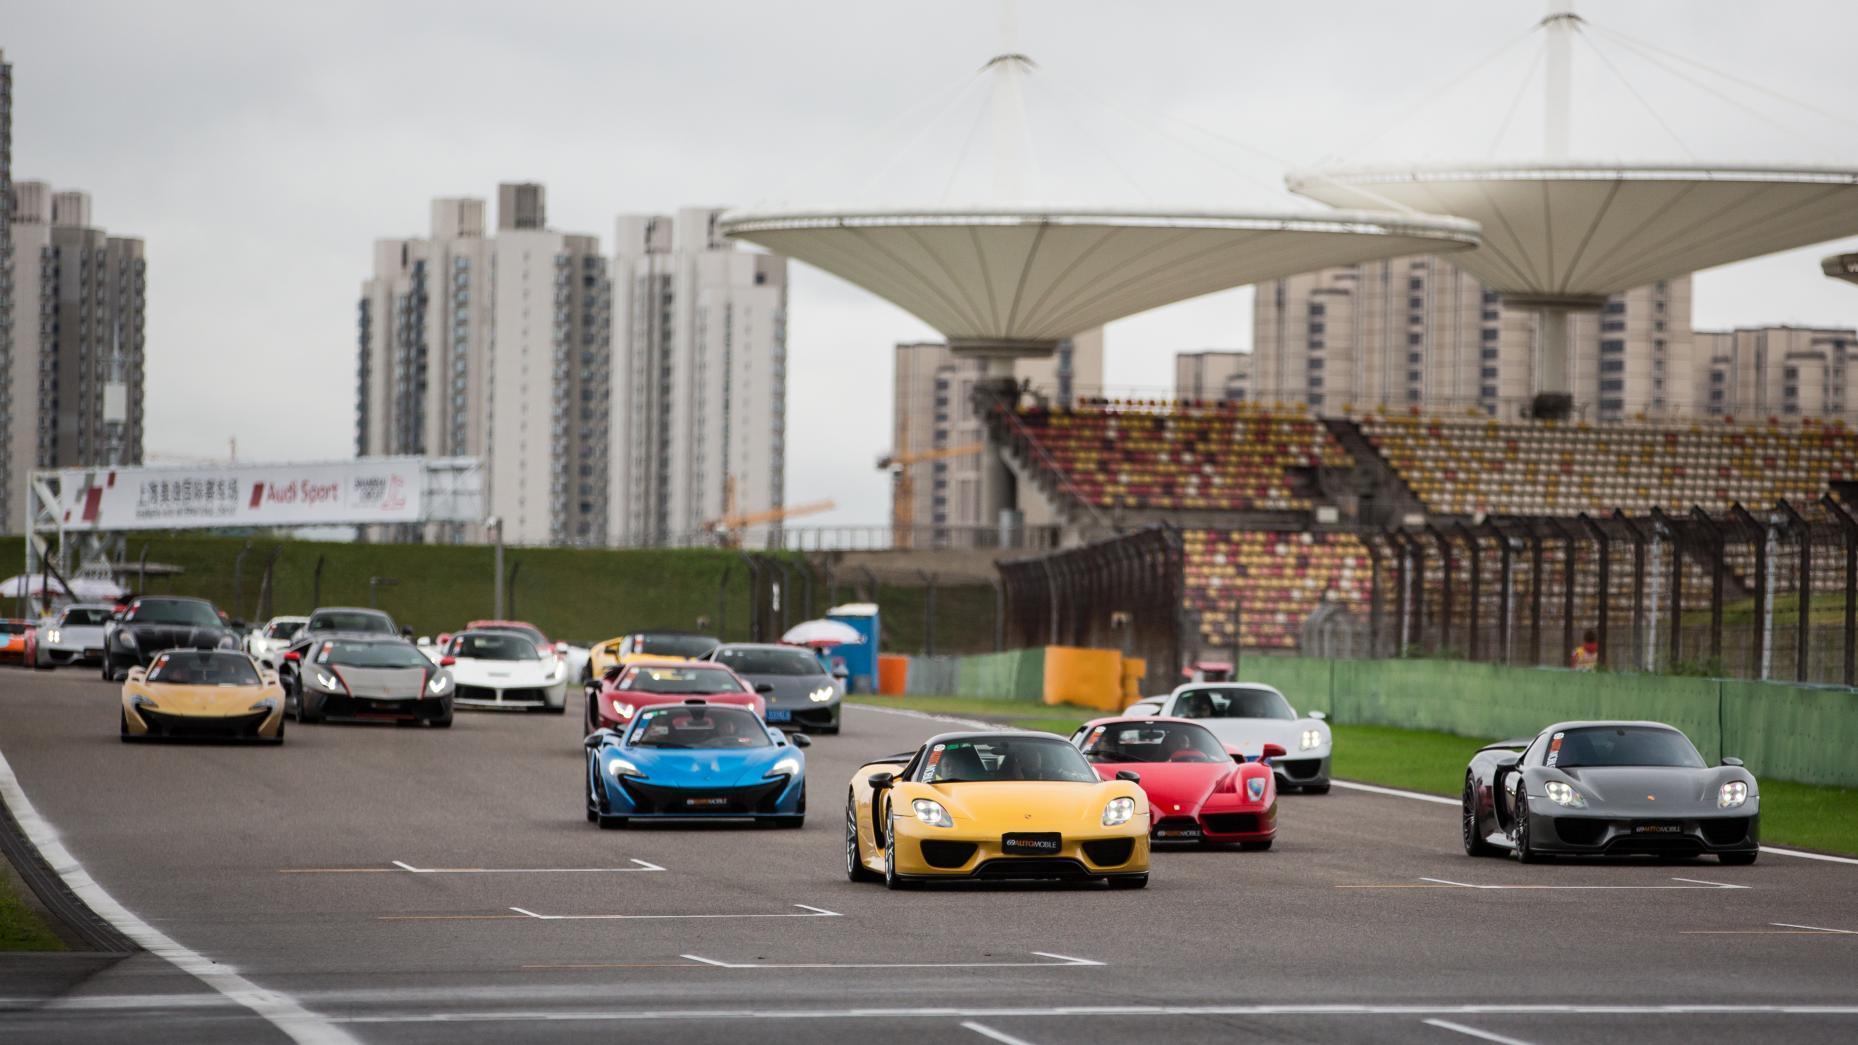 beste trackday ter wereld shanghai international circuit